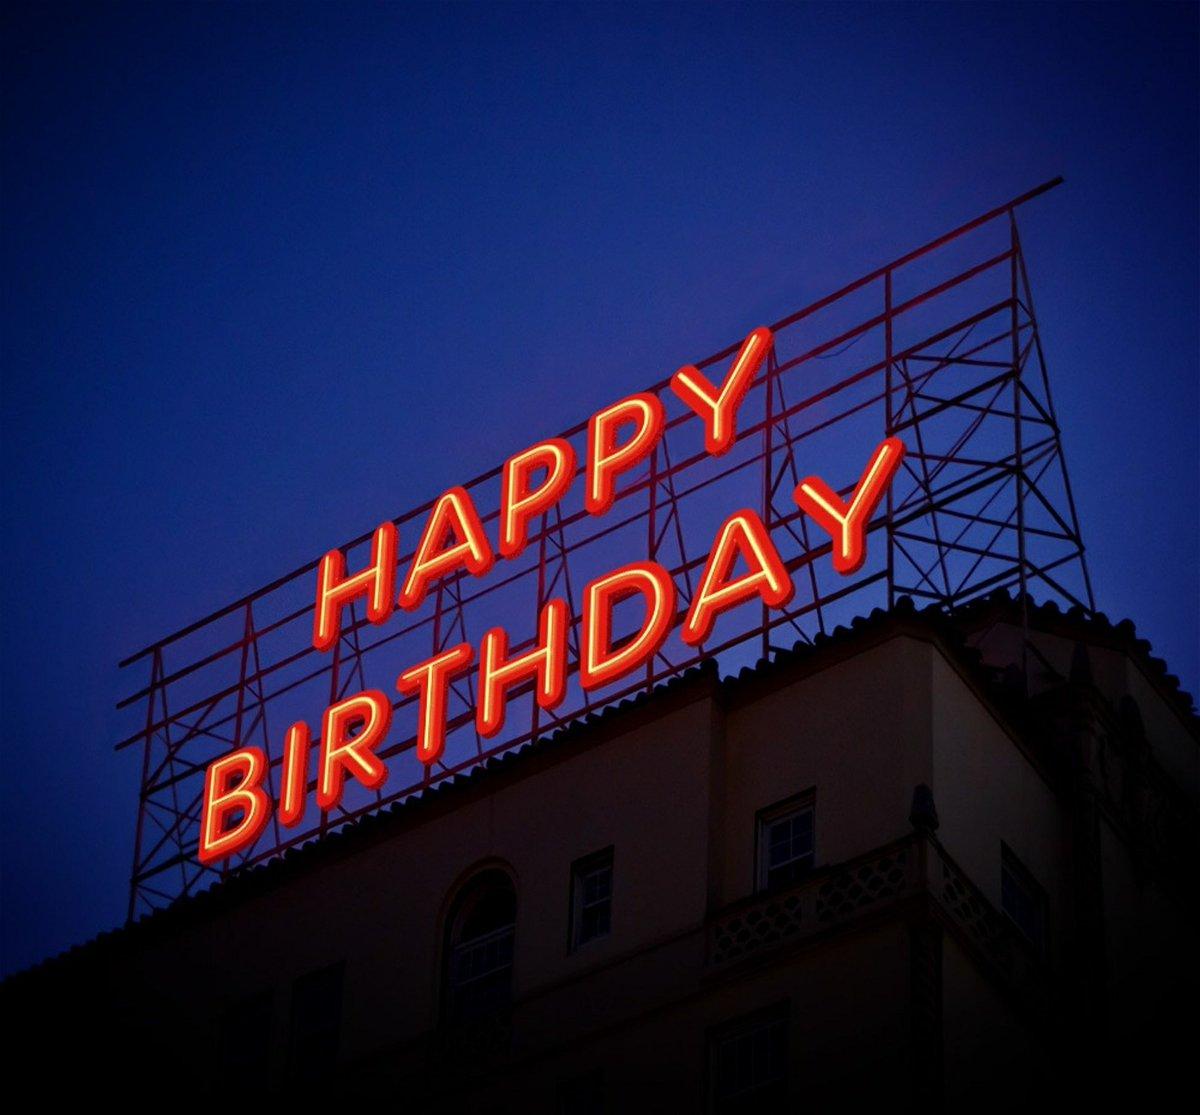 On This Day - Happy Birthday to Akeem Spence! #AkeemSpence #nepatriots #nepats #bostonathlete #onthisdaysports #boston #bostonsports #football #nfl #foxboro #newengland #happybirthday #bostonathletemagazine https://t.co/yj8w6XMqJH